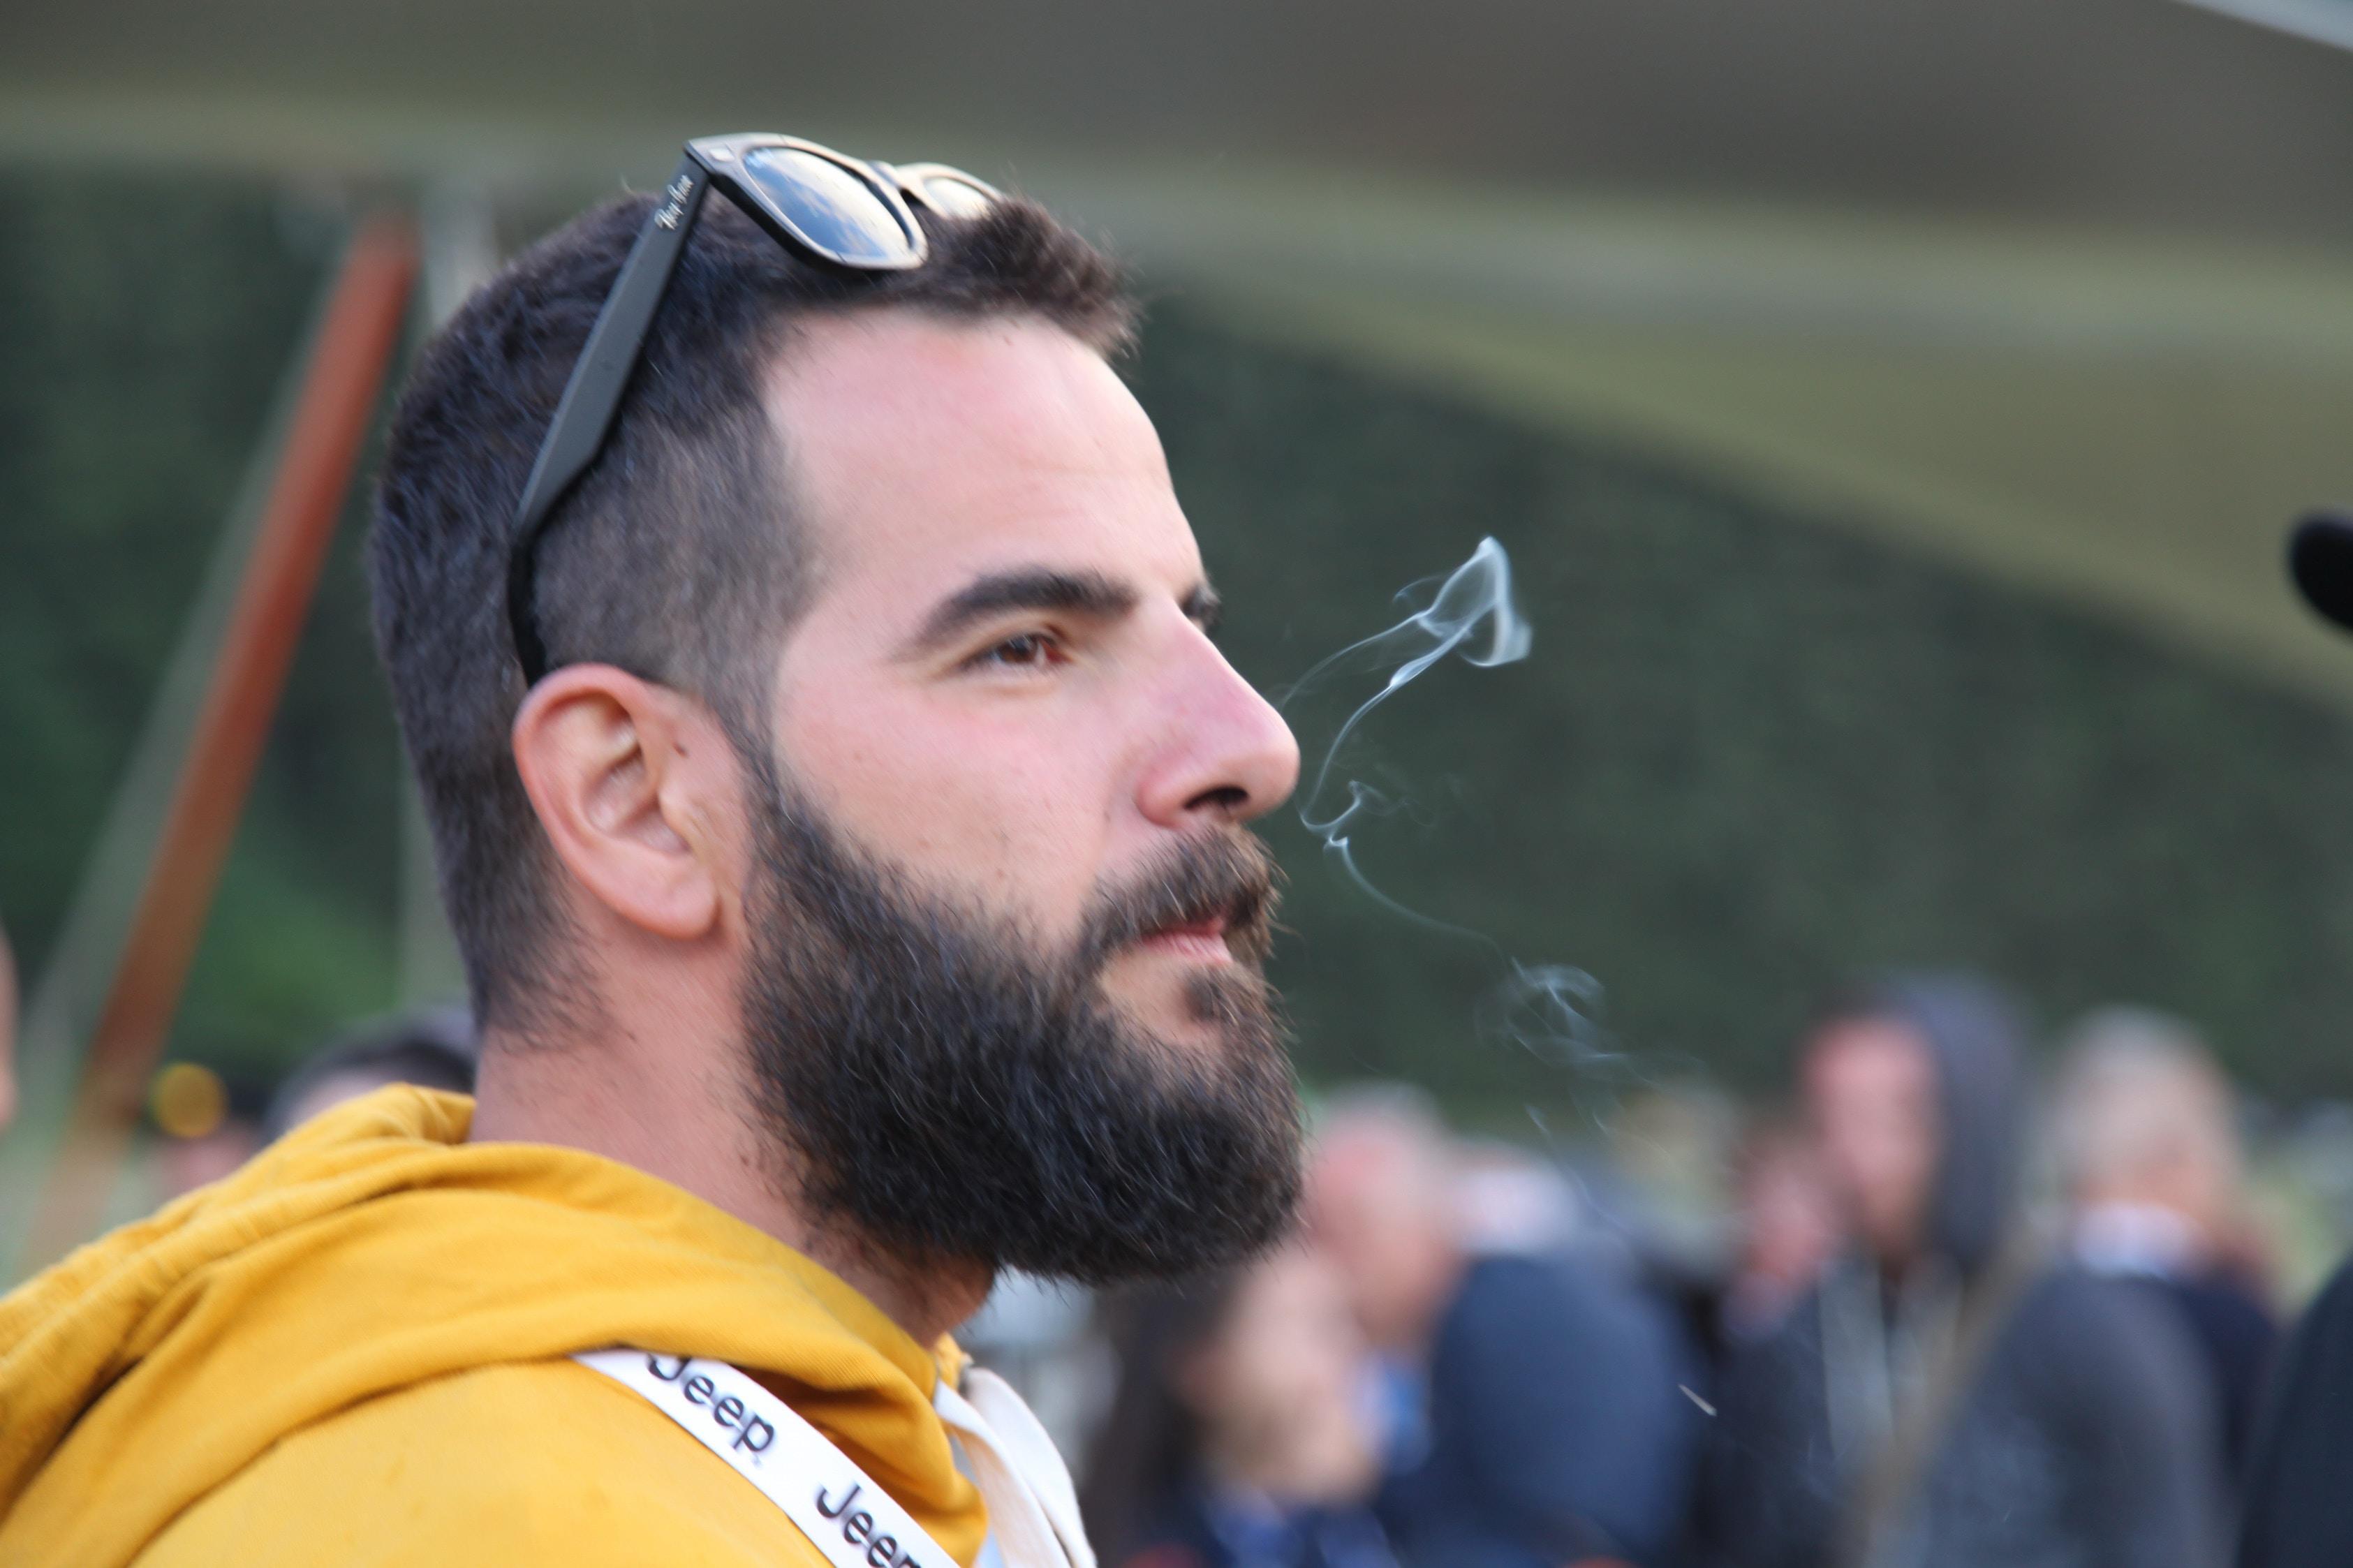 Go to Francesco Lo Giudice's profile